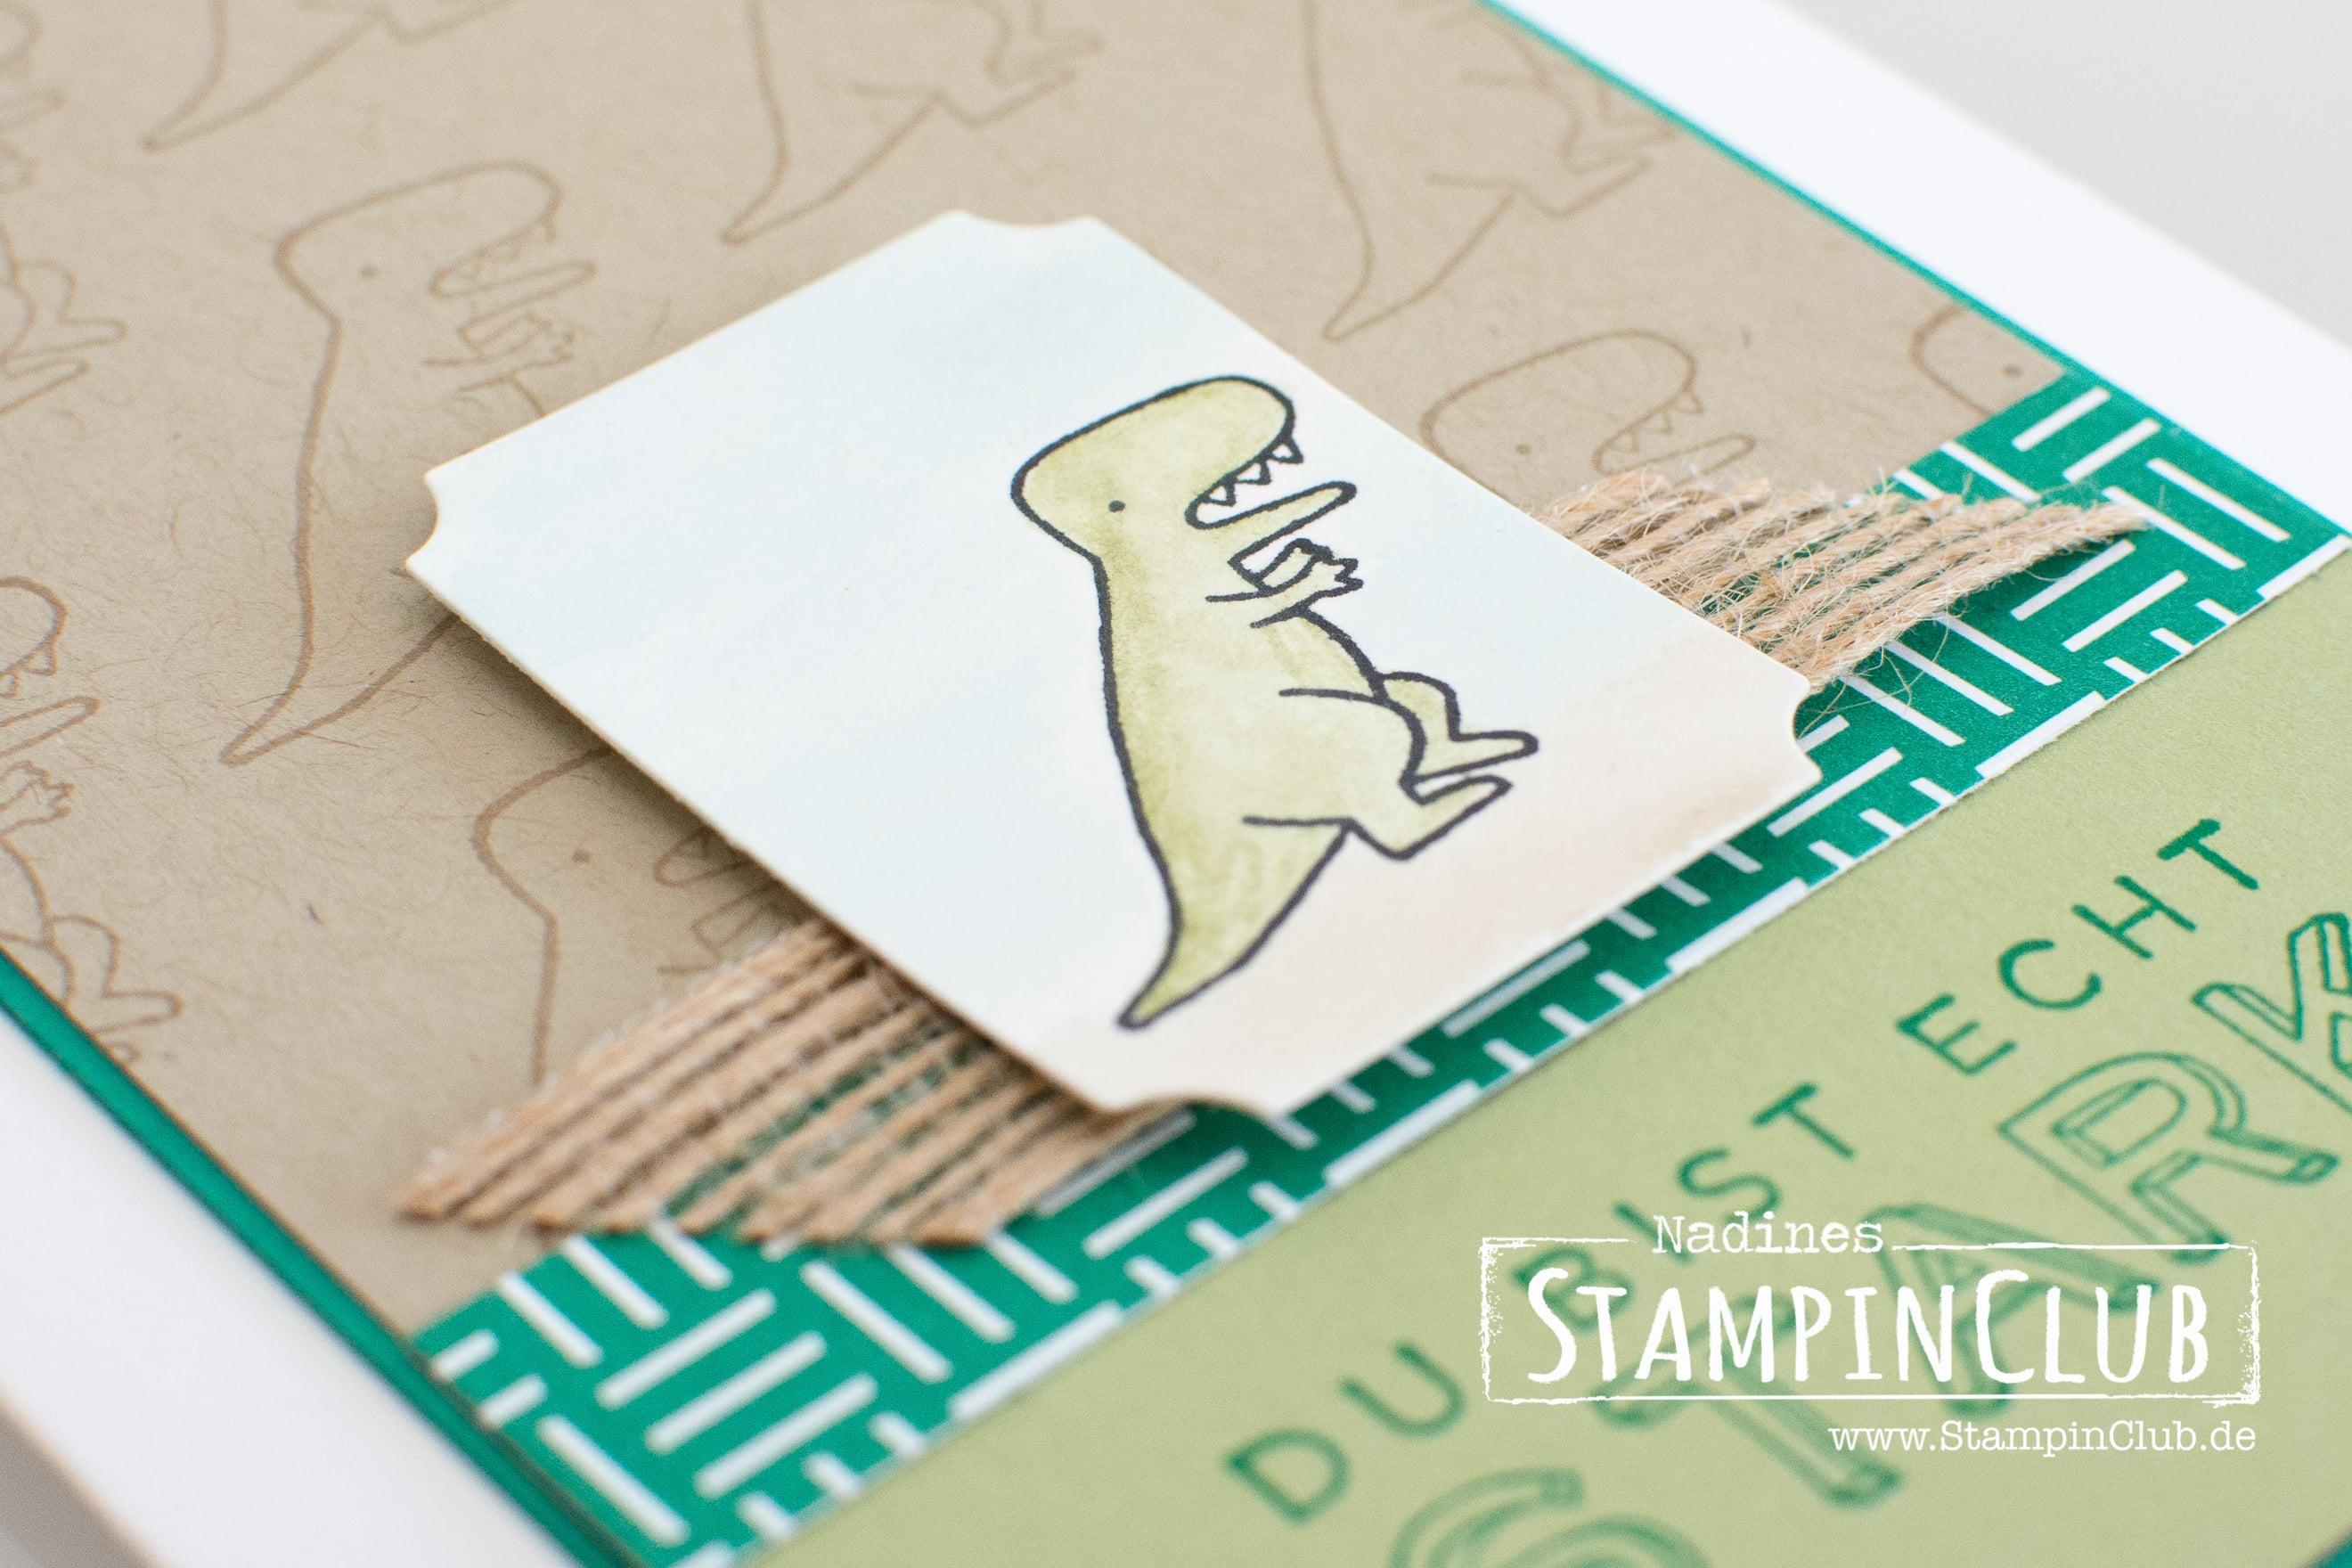 Stampin' Up!, StampinClub, Dies & Das, Pieces & Patterns, Designerpapier Muster und Motive, Pick a Pattern DSP